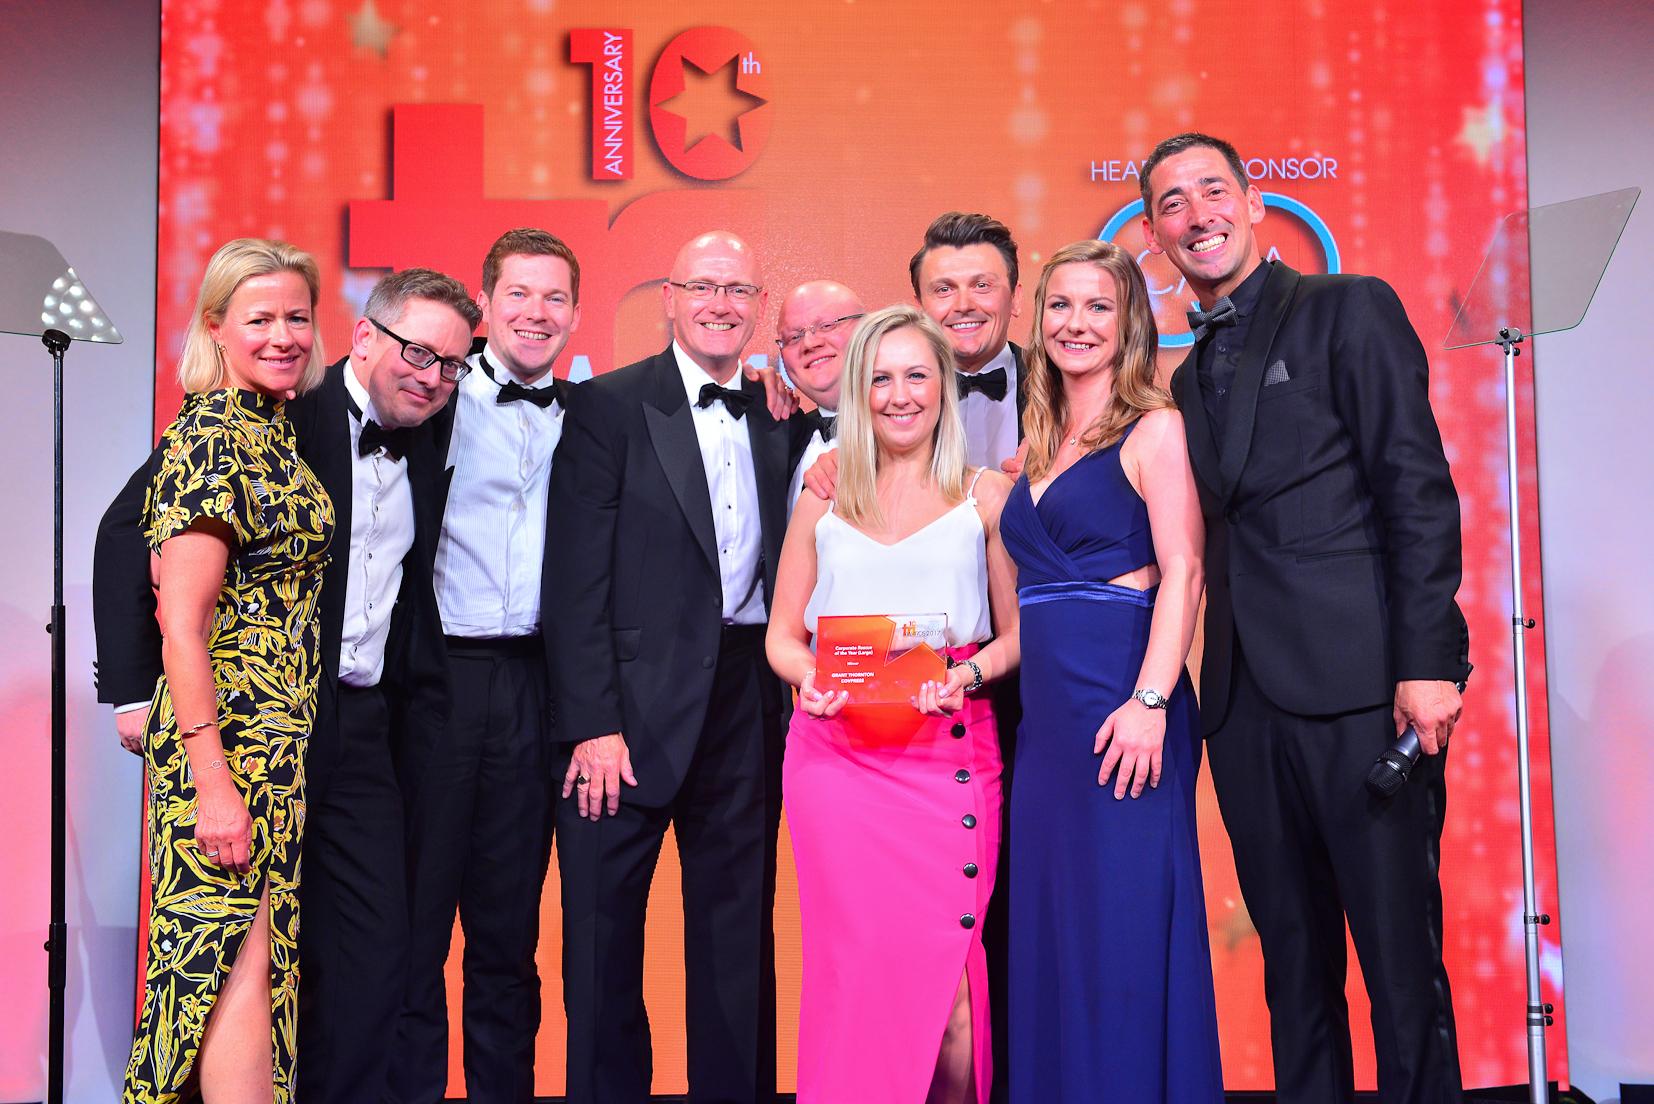 Winners TRI 2017 - 11